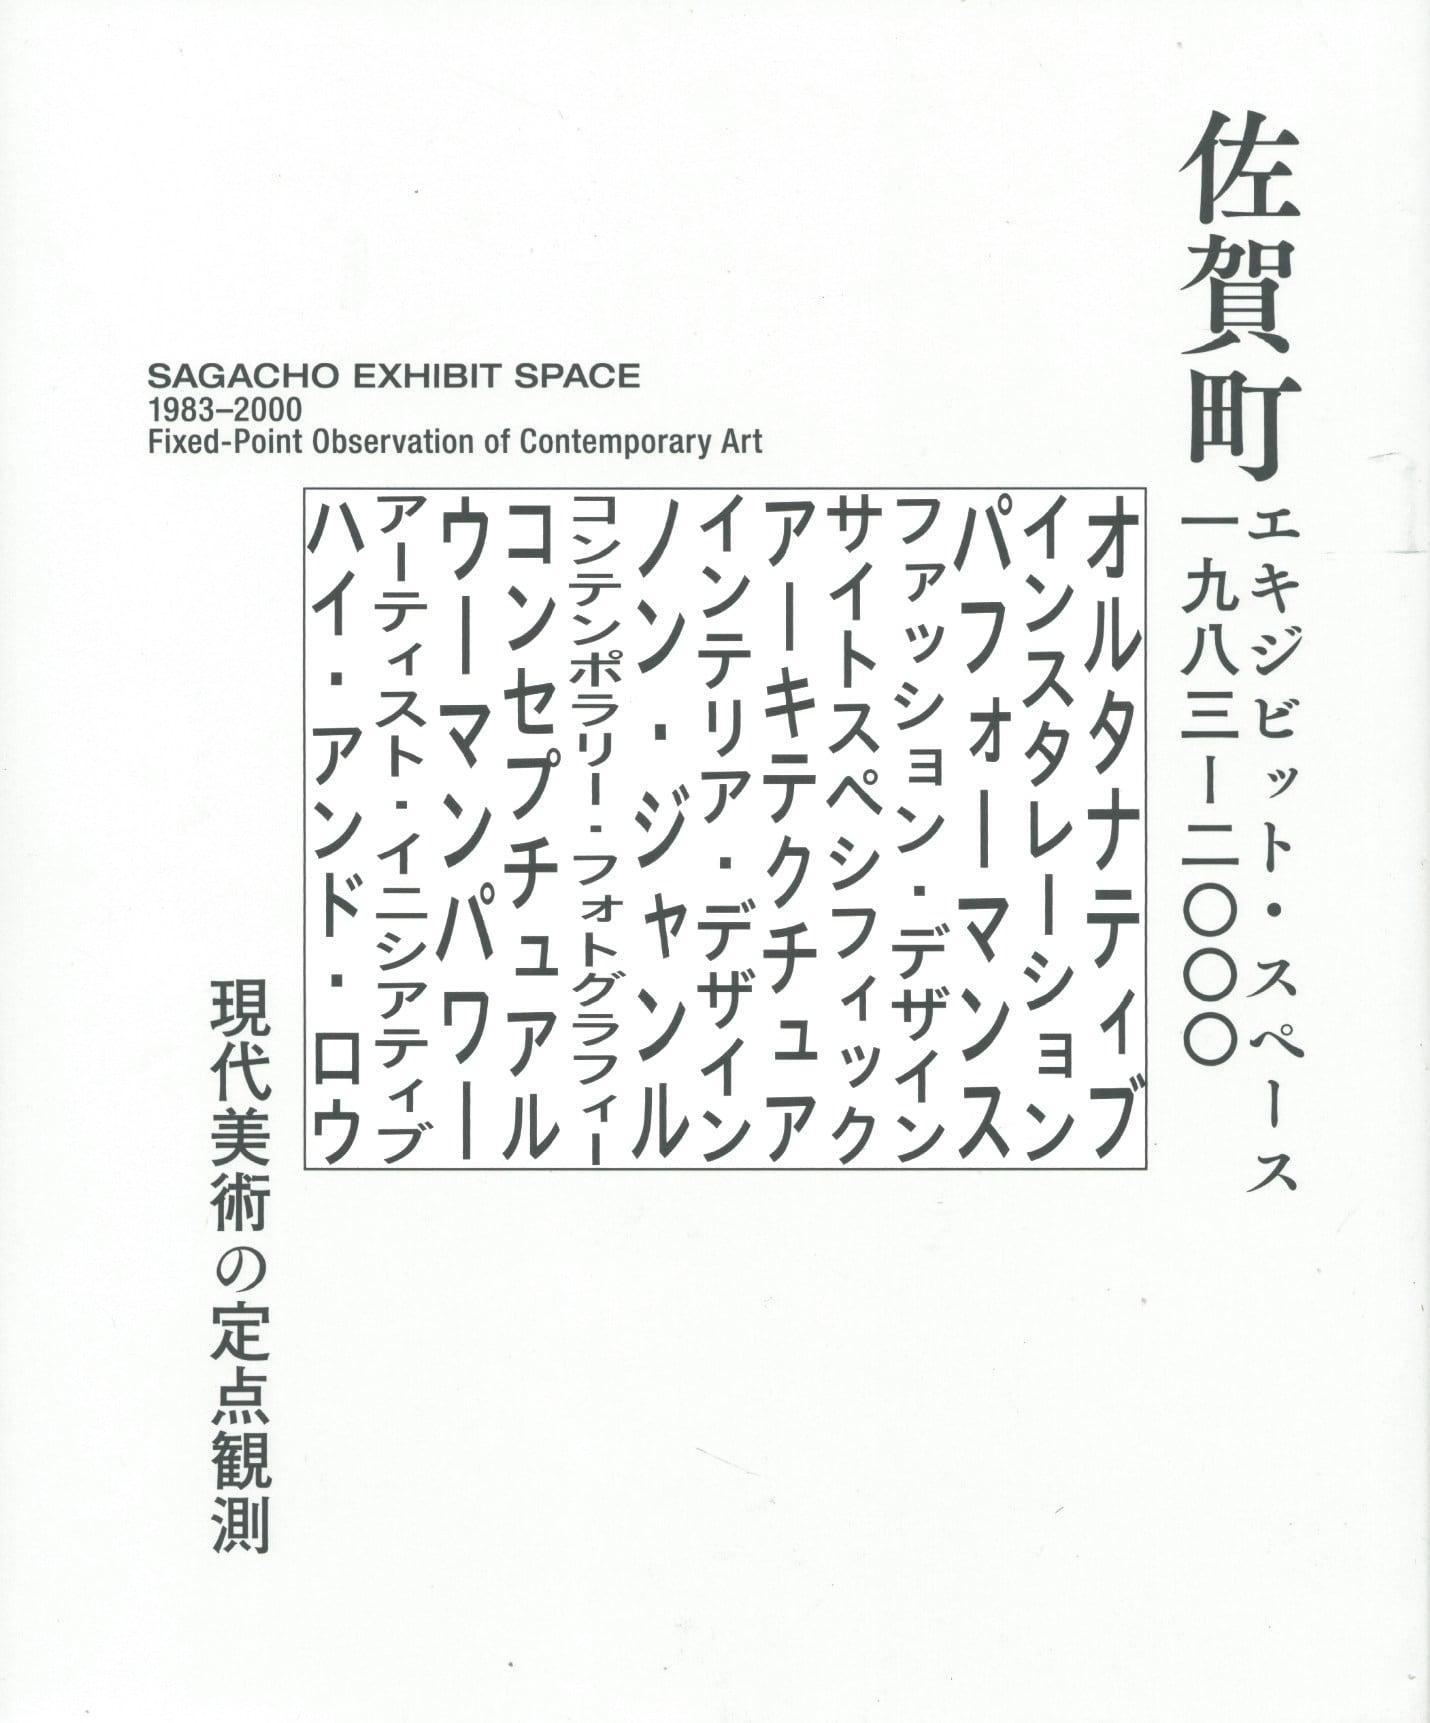 佐賀町エキジビット・スペース 1983–2000 現代美術の定点観測